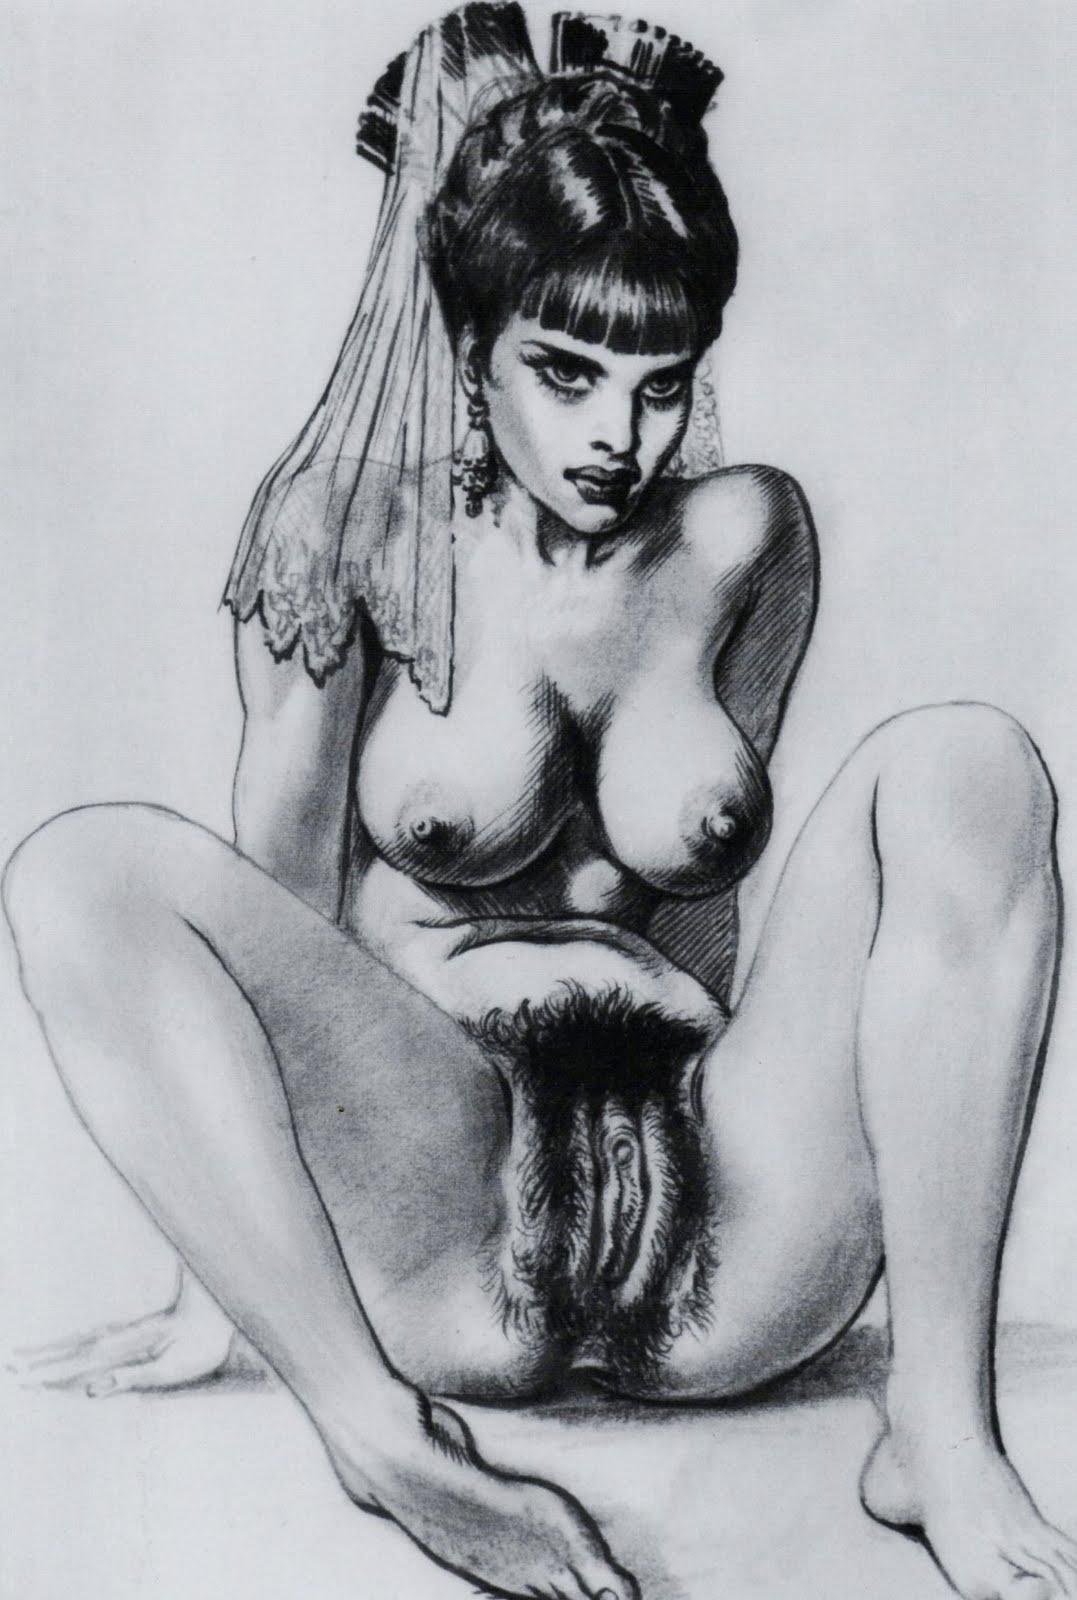 Рисунки карандашом супер порно 14 фотография